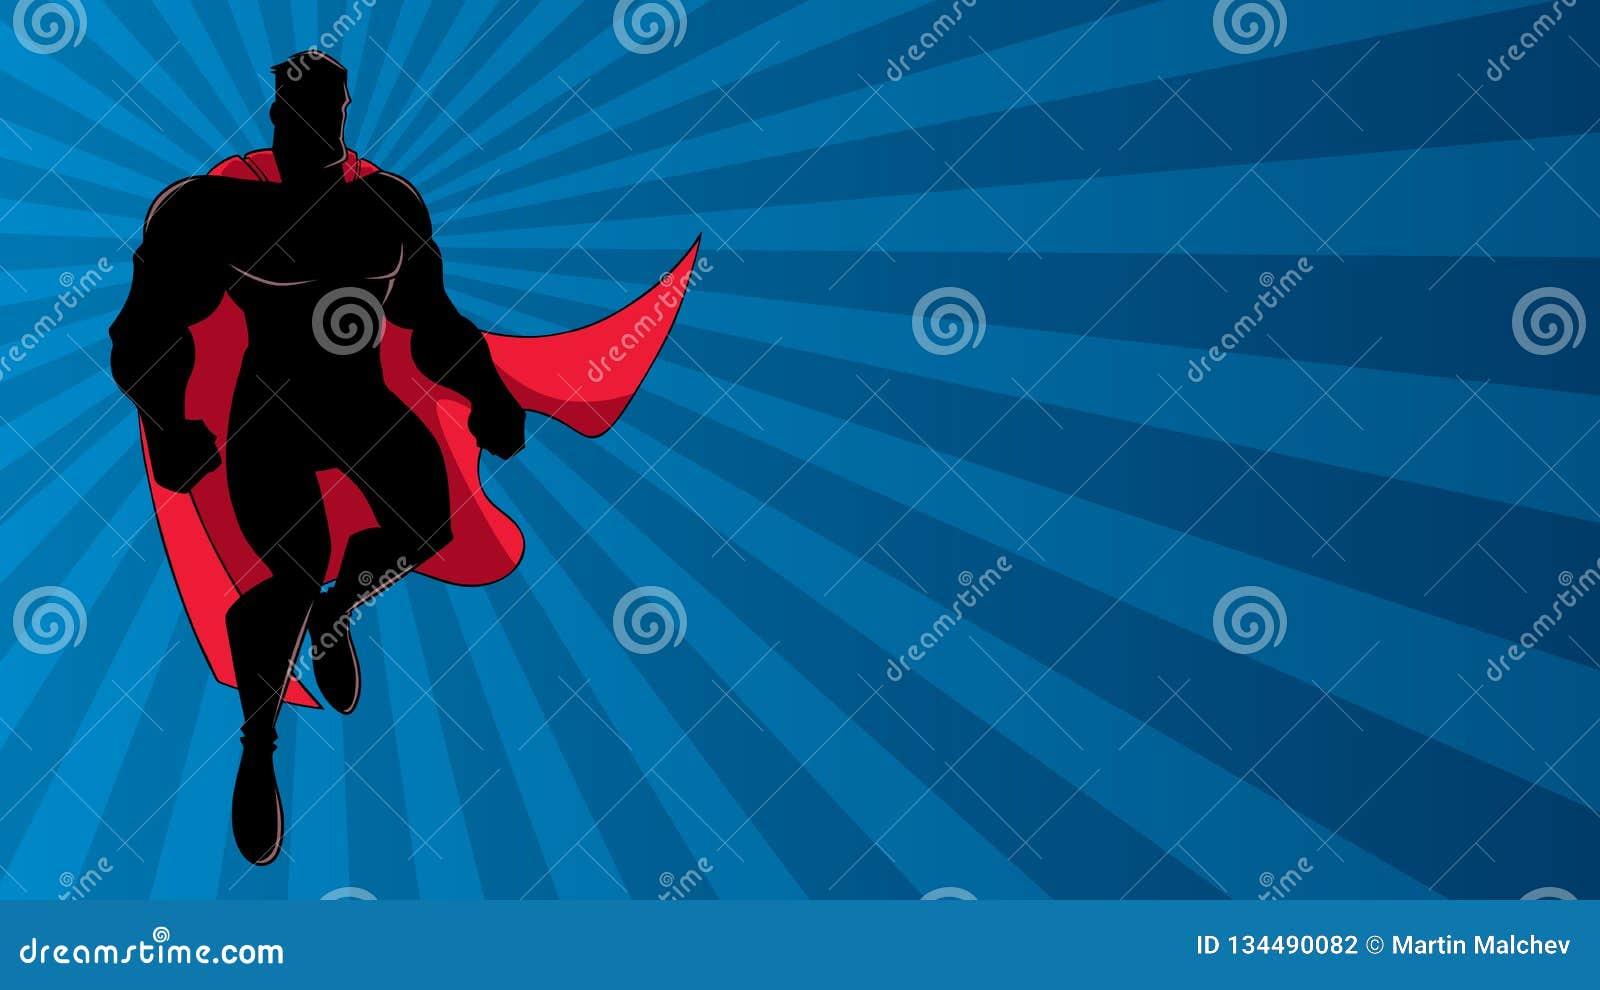 Superhero Flying Ray Light Silhouette Stock Vector